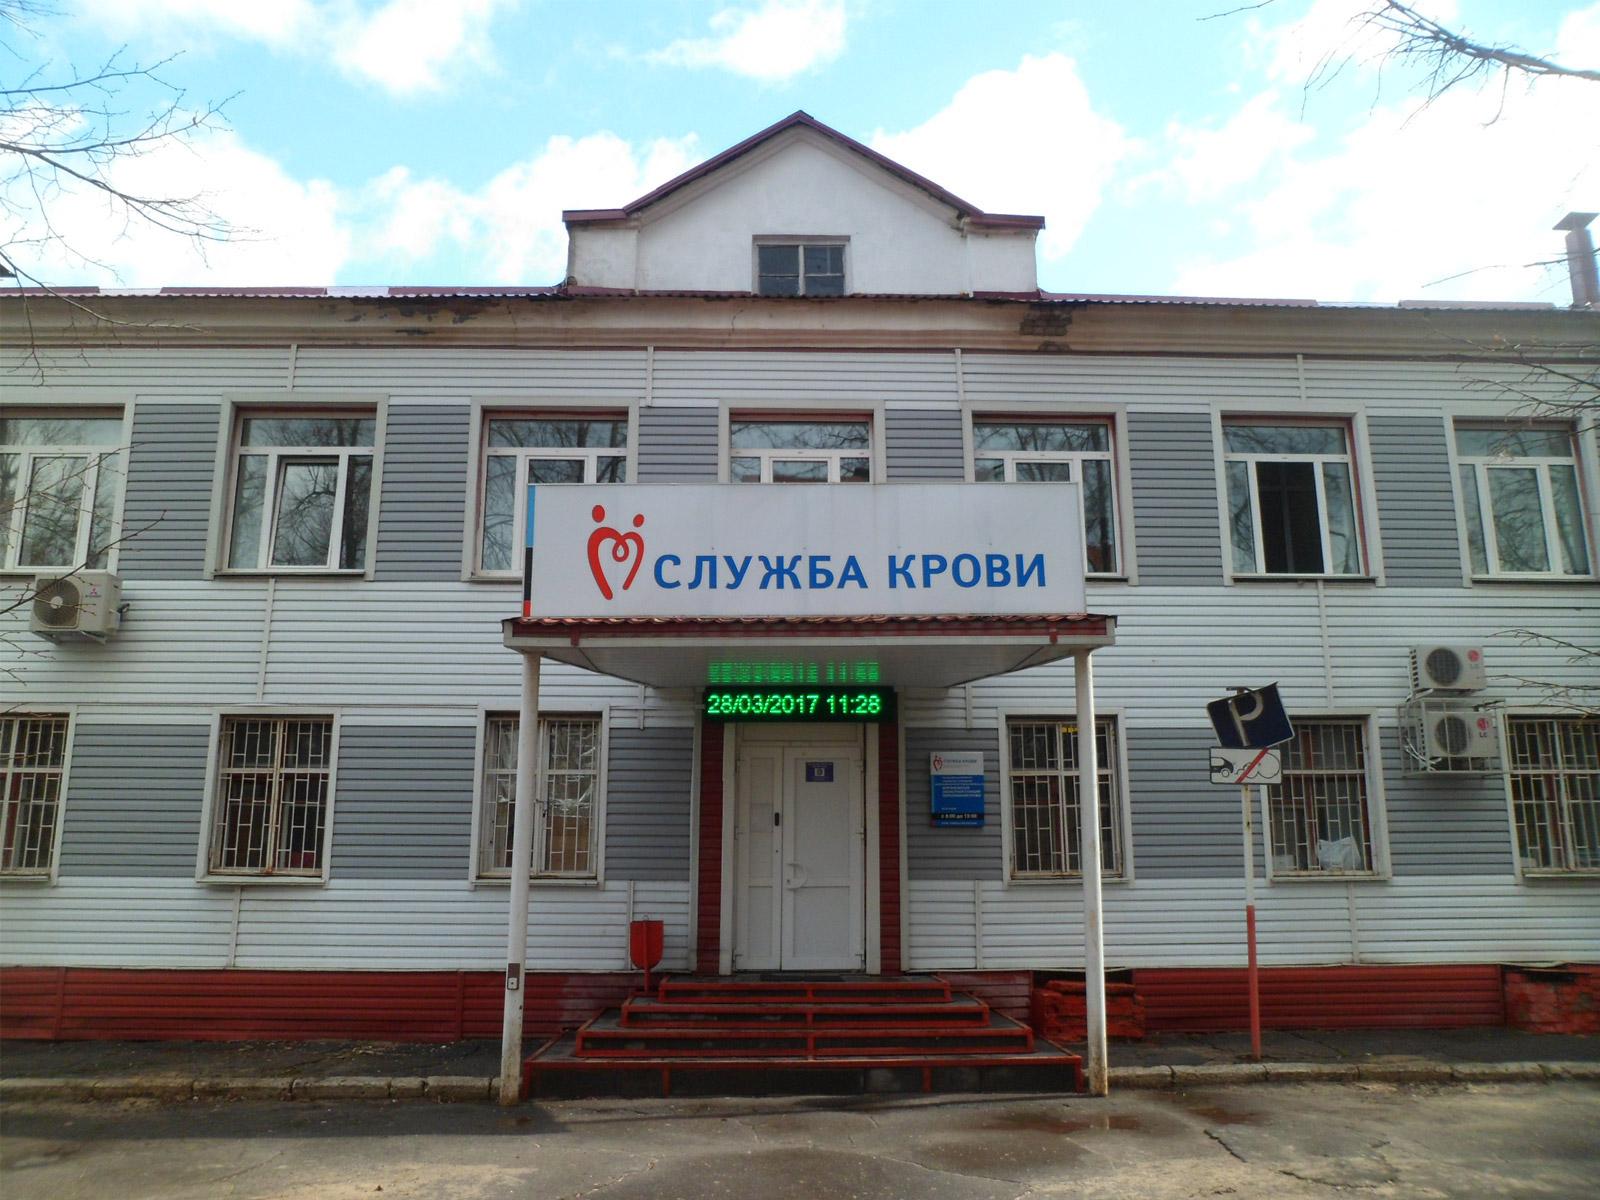 Станция переливания крови в Воронеже на улице Транспортной. Главный донорский пункт города. Здесь сдают кровь и выдают удостоверение почетного донора